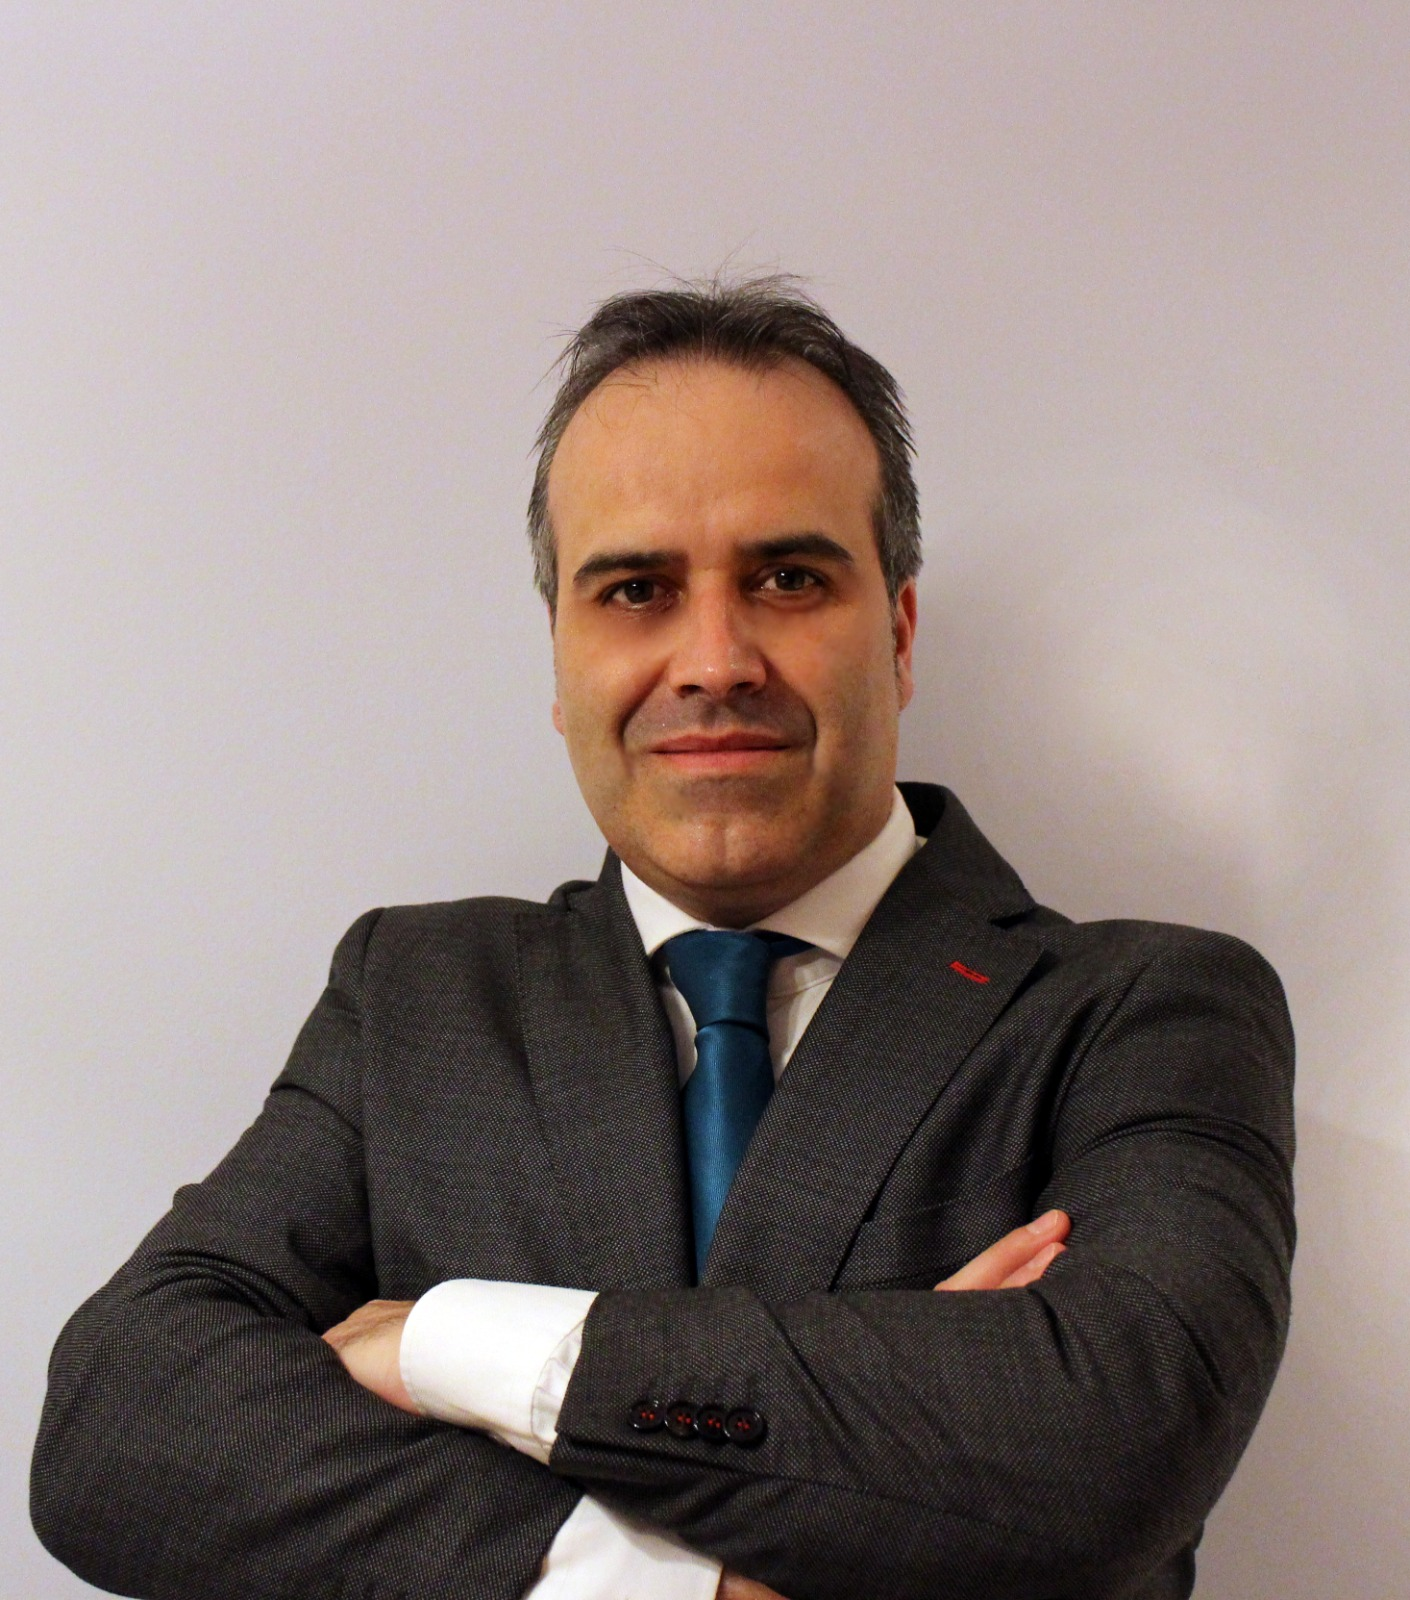 Jose de Francisco